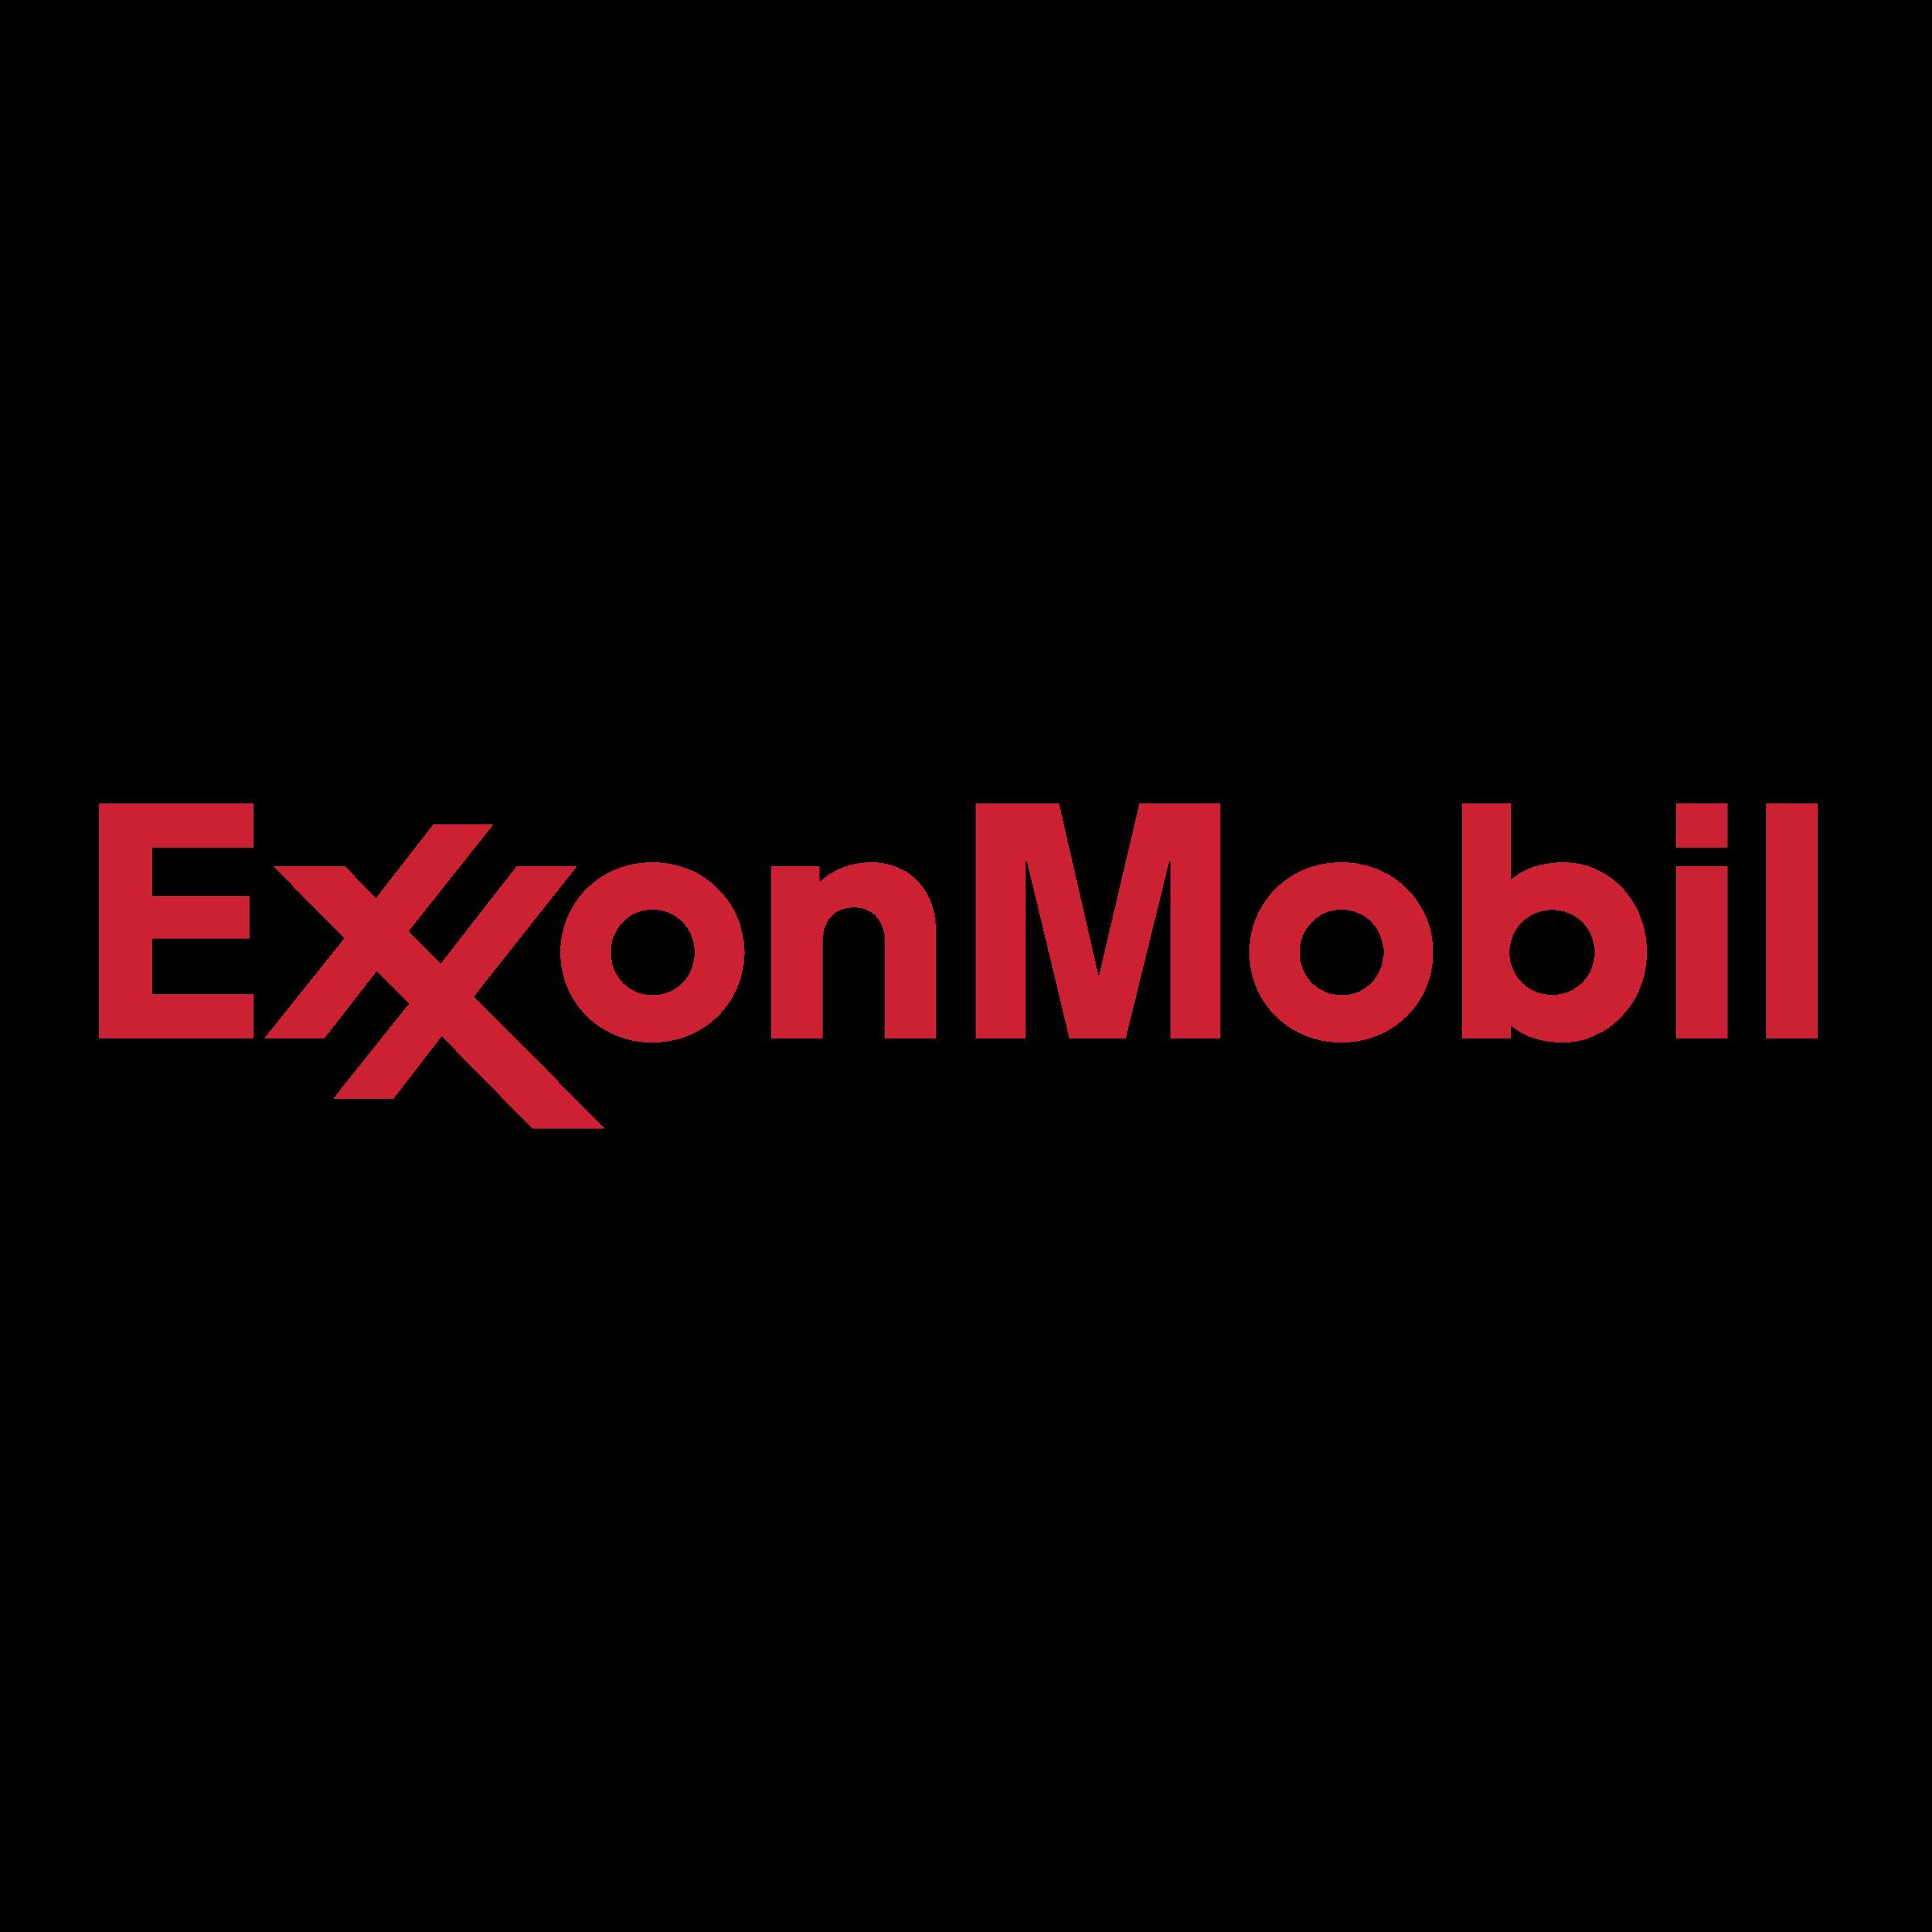 exxon-mobil-1-logo-png-transparent